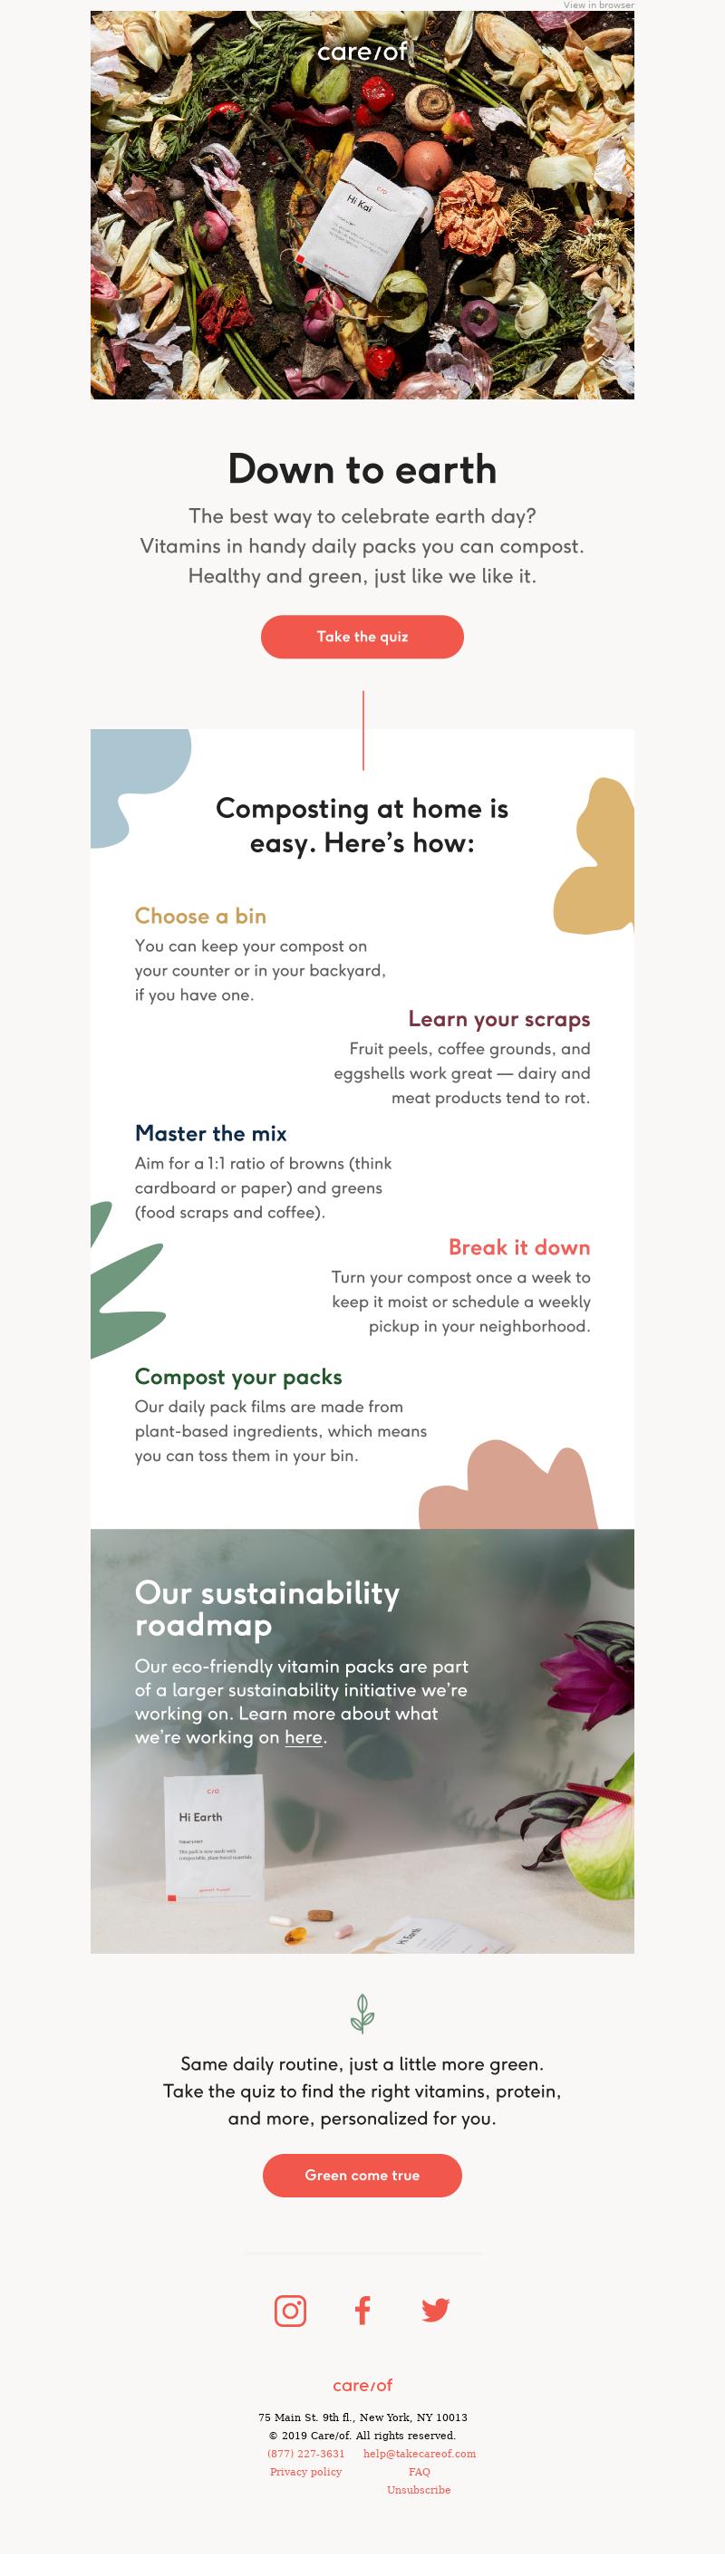 Start an earth-friendly habit